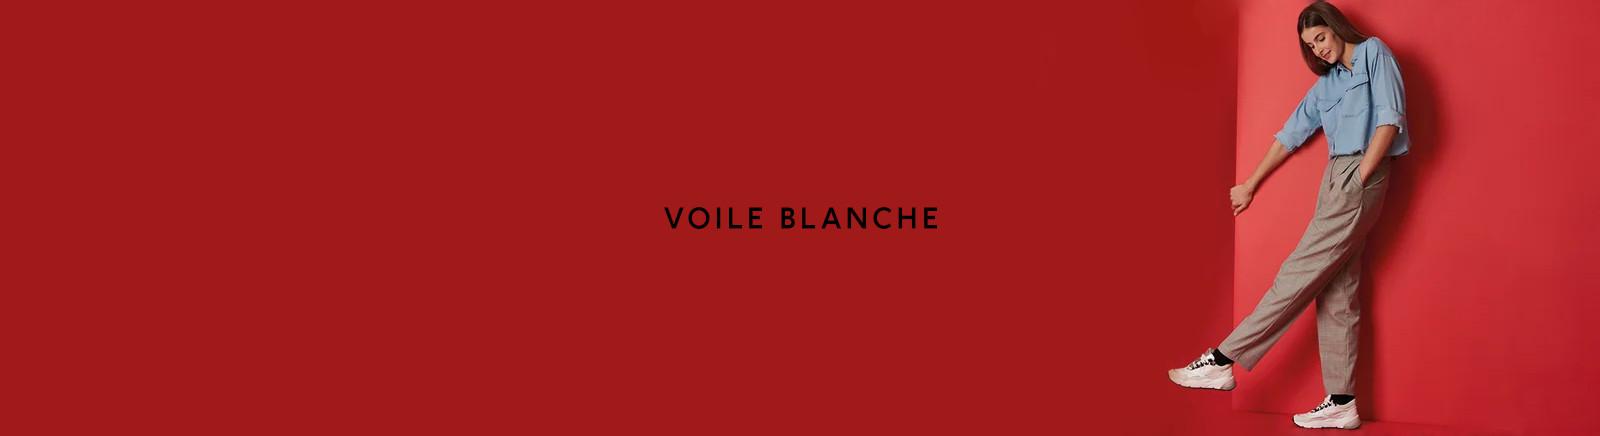 Voile Blanche Damen Sneaker & mehr im GISY Online Shop